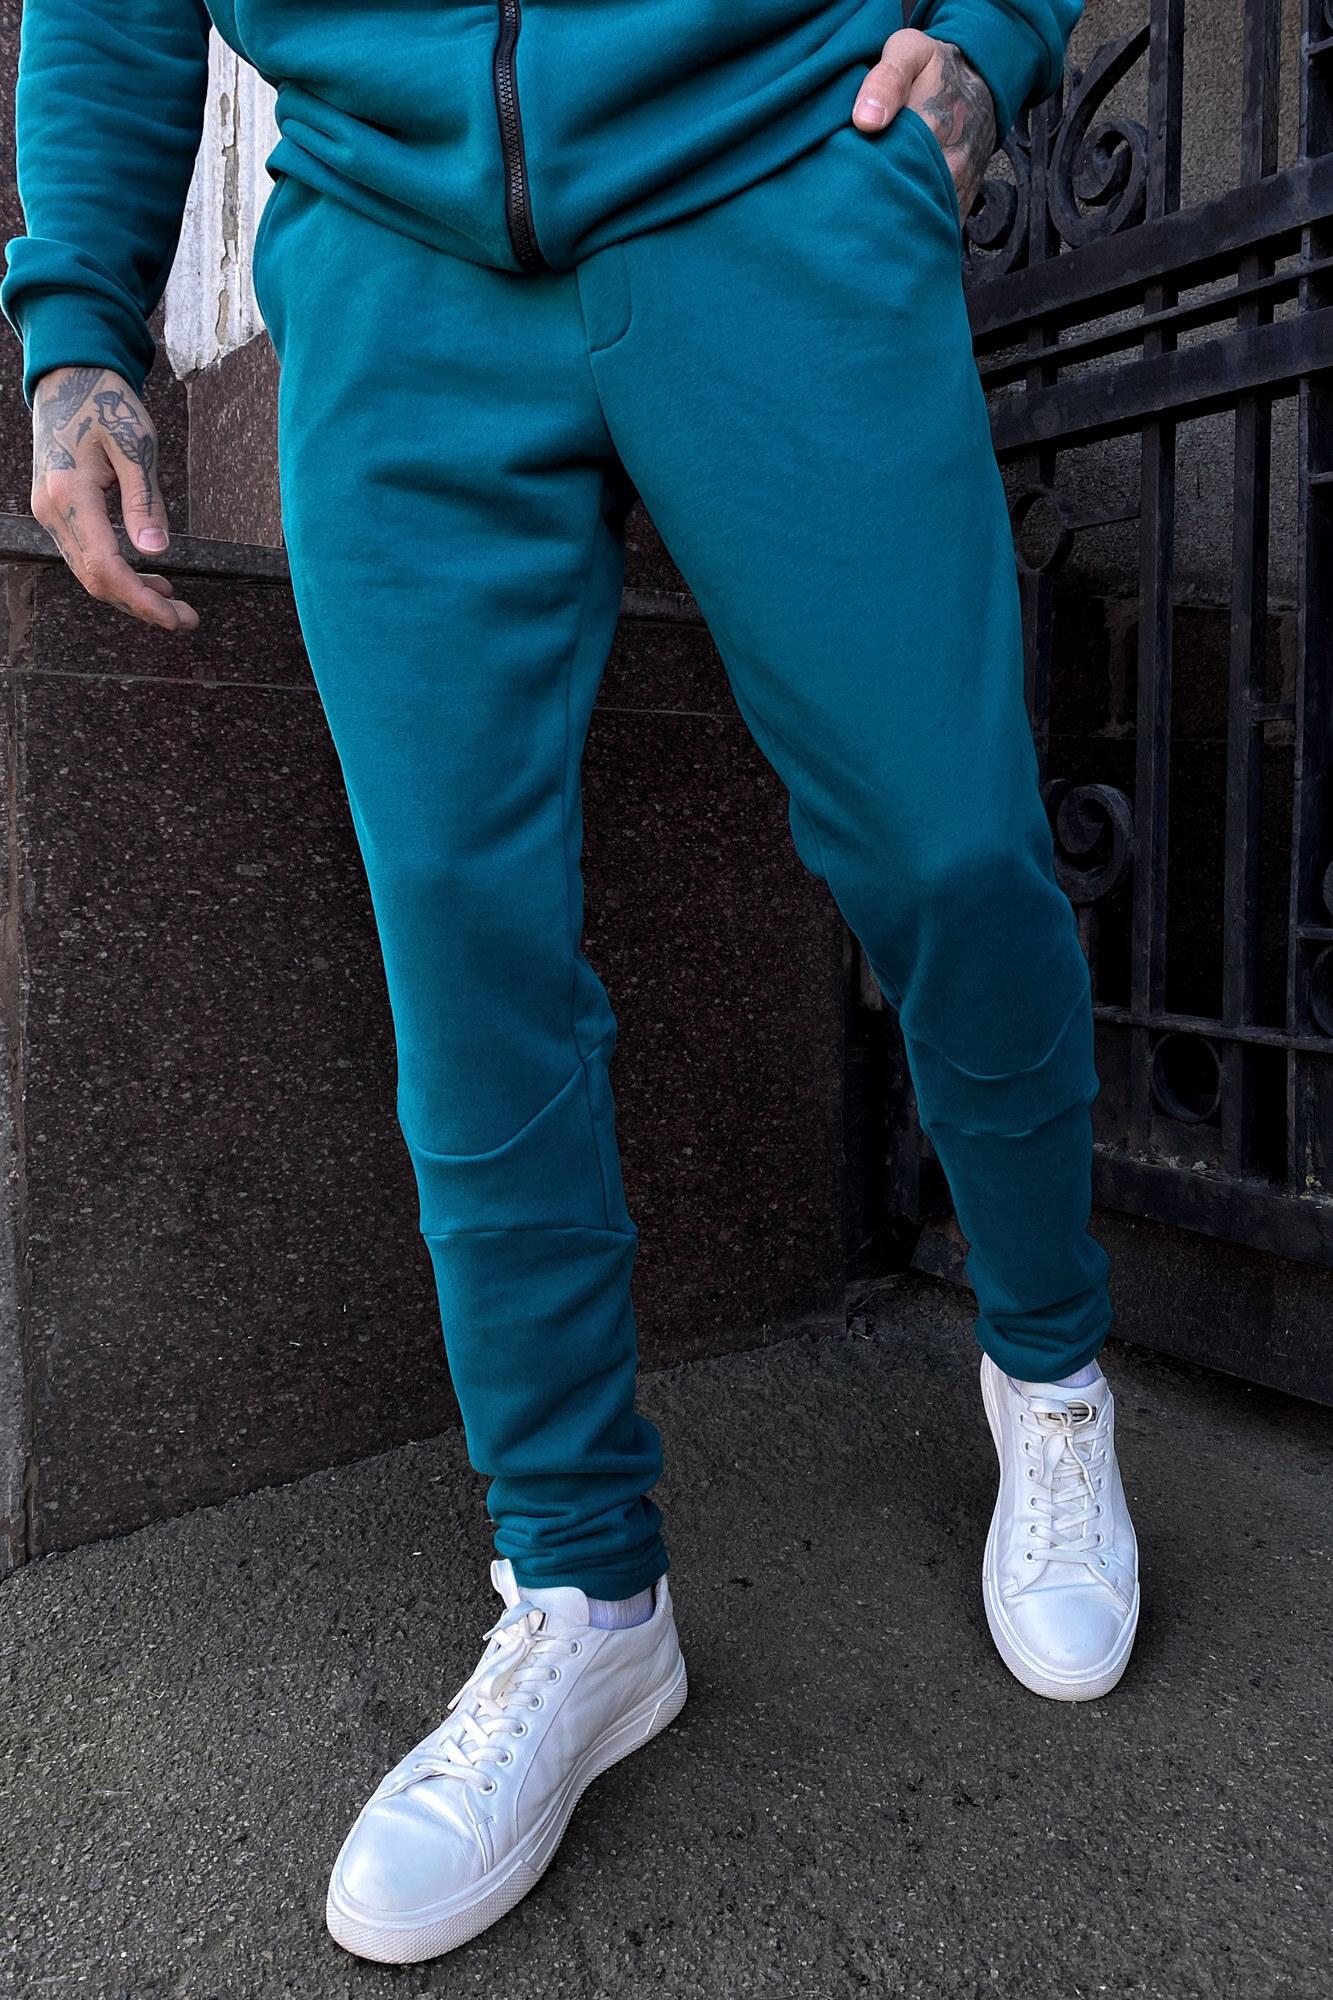 Хлопковые спортивные штаны в бирюзовом цвете